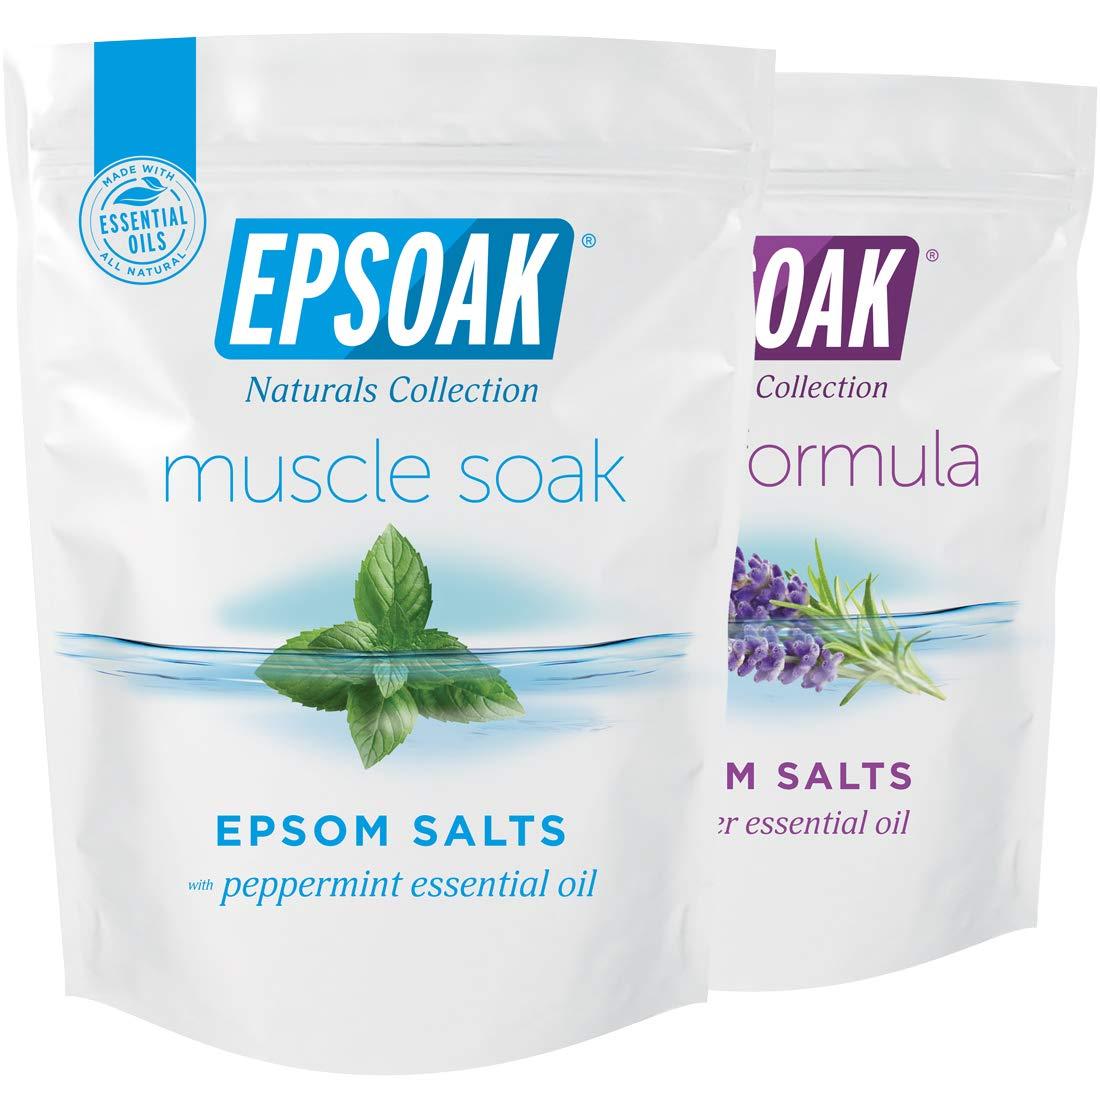 Epsoak Scented Epsom Salt Bundle - Sleep Formula 2 lbs. & Muscle Soak 2 lbs.